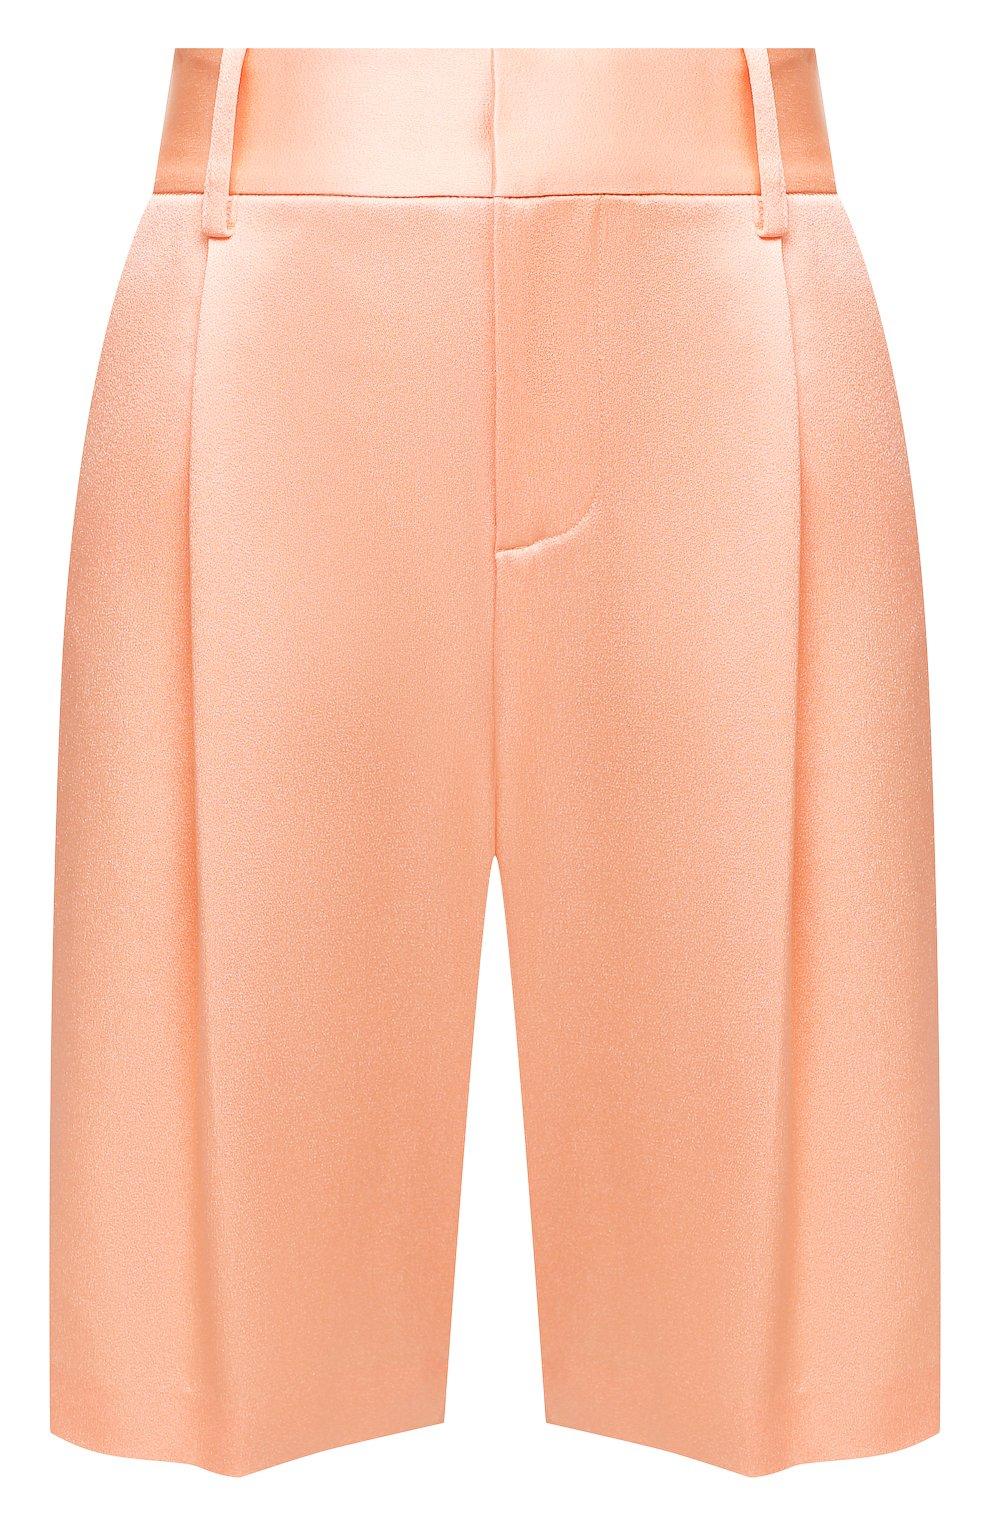 Женские шорты ALICE + OLIVIA оранжевого цвета, арт. CC004205610   Фото 1 (Женское Кросс-КТ: Шорты-одежда; Стили: Гламурный; Материал внешний: Синтетический материал; Длина Ж (юбки, платья, шорты): Миди)